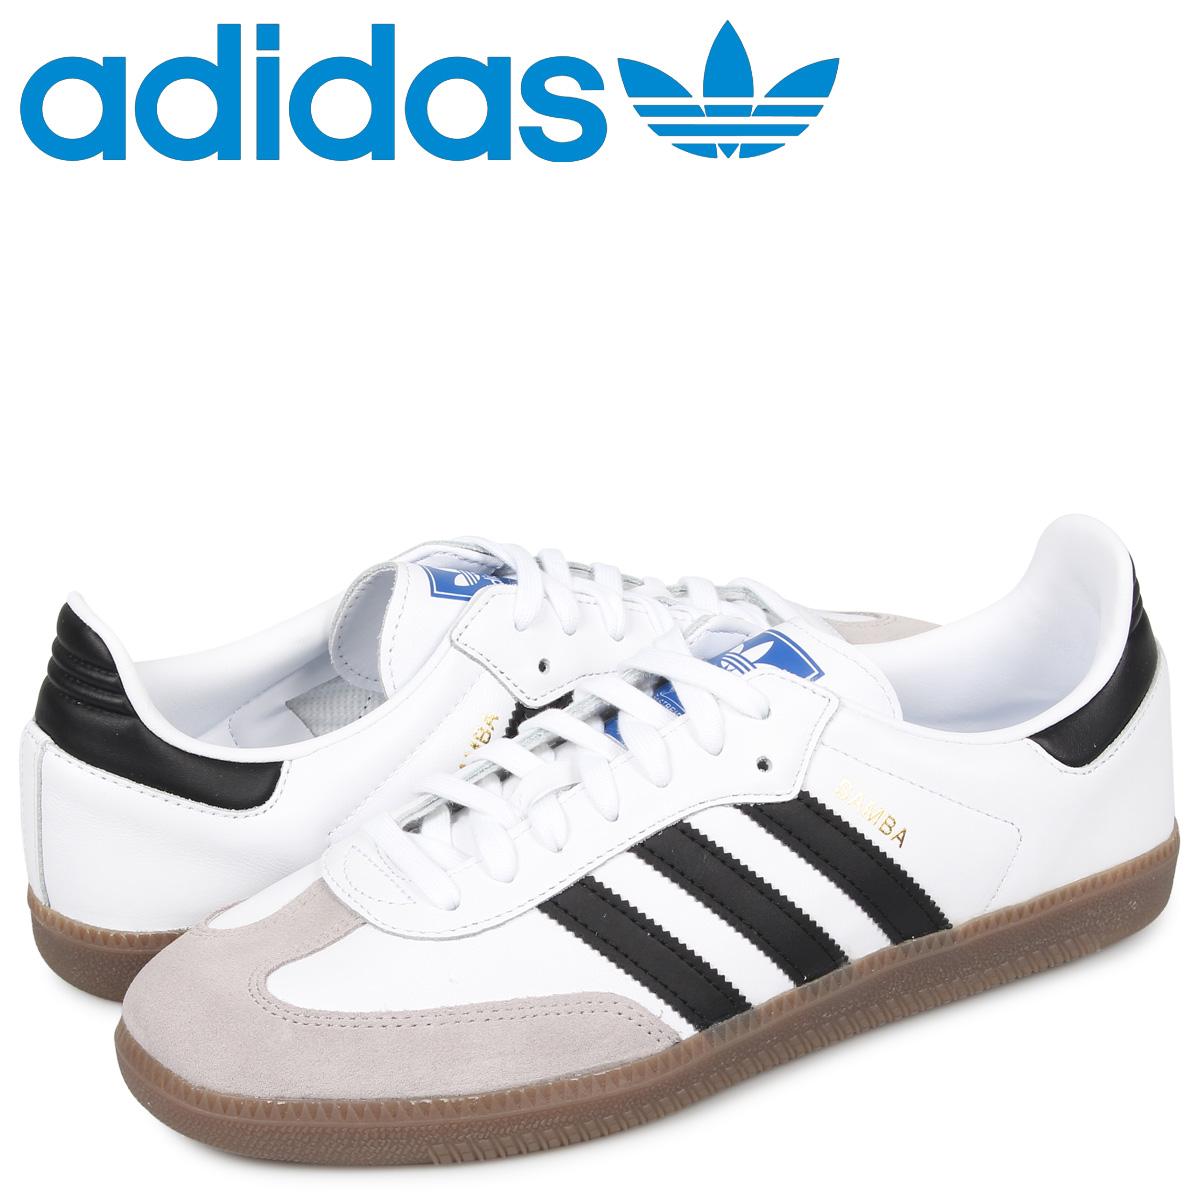 アディダス オリジナルス adidas Originals サンバ スニーカー メンズ SAMBA OG ホワイト 白 B75806